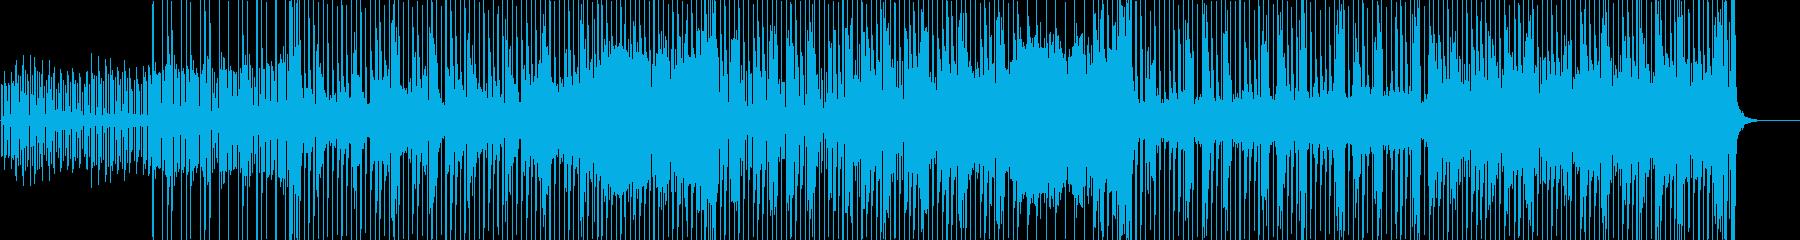 法人 センチメンタル 技術的な 感...の再生済みの波形